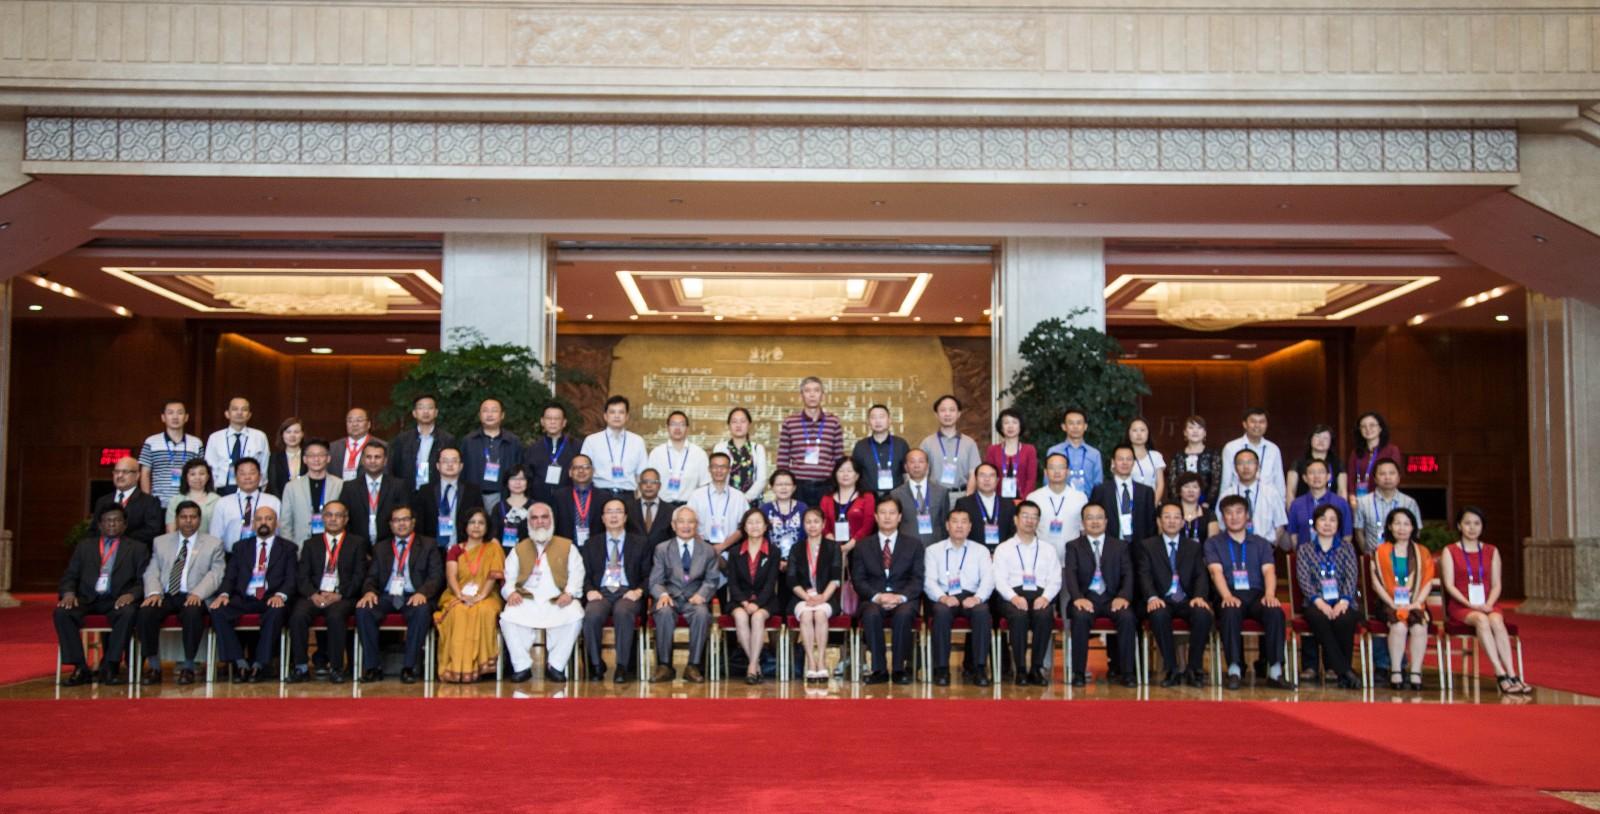 中国—南亚商务论坛——第二届教育分论坛与会代表合影.jpg